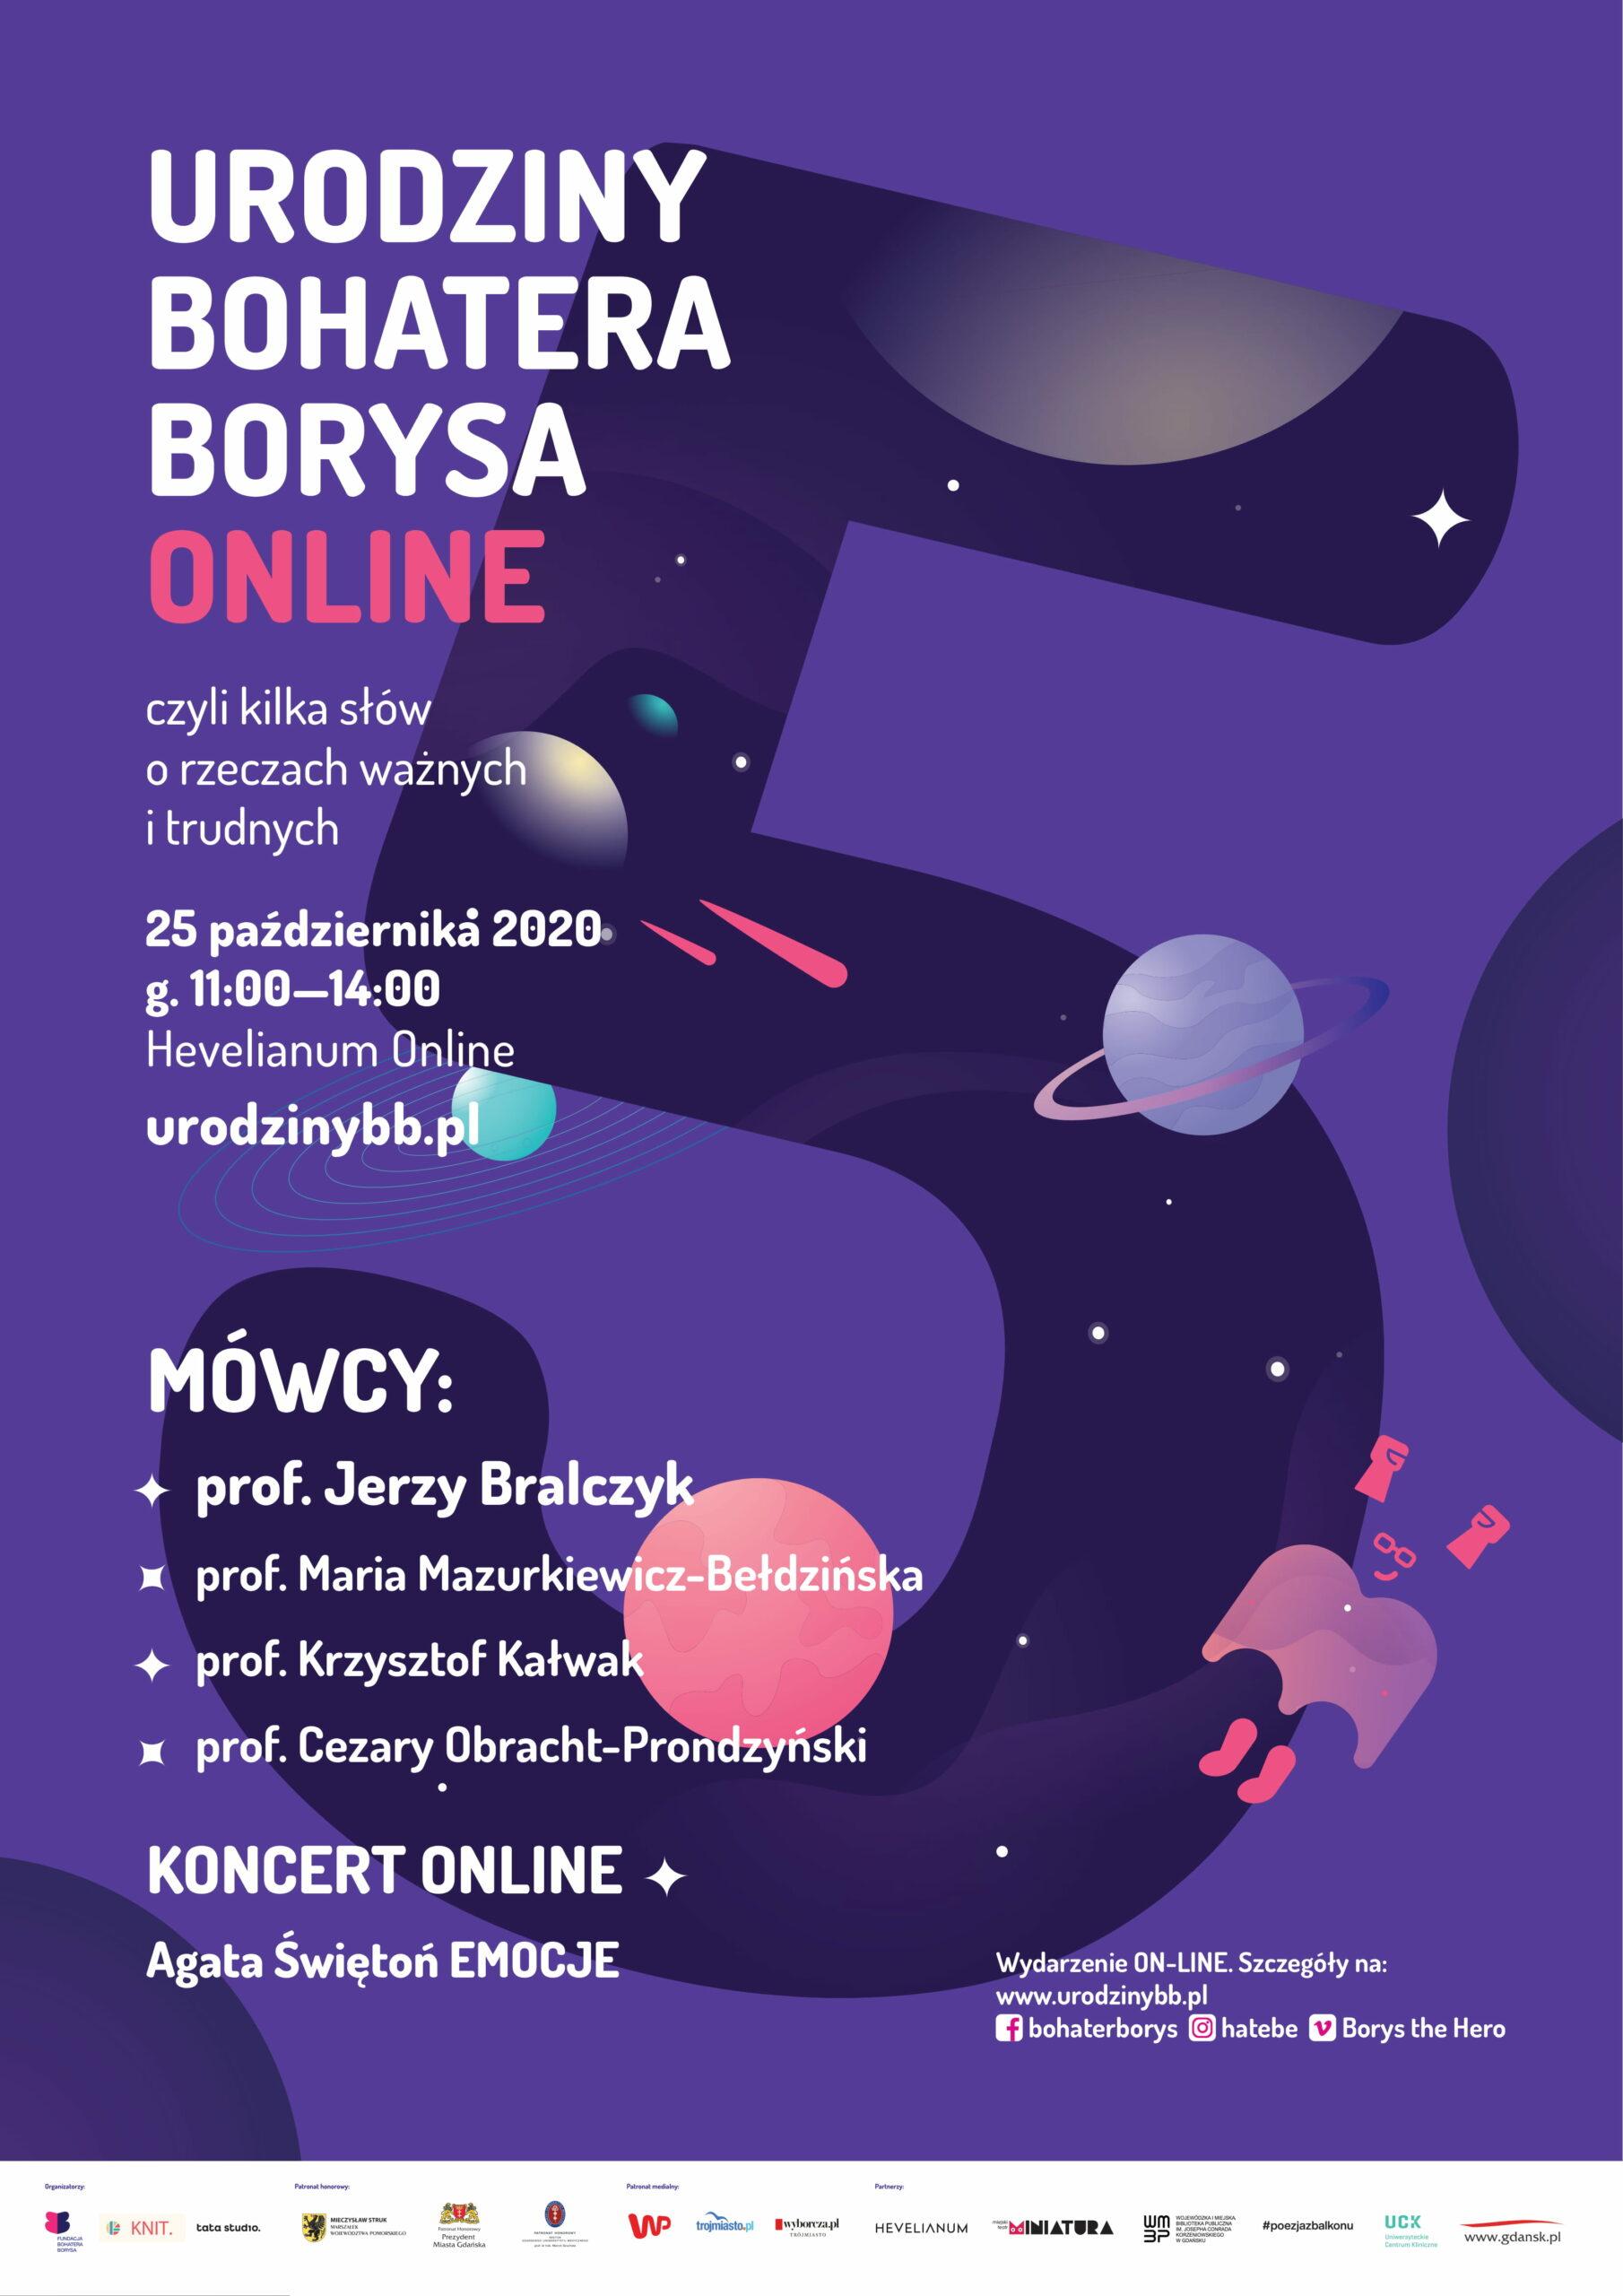 Urodziny Bohatera Borysa_plakat